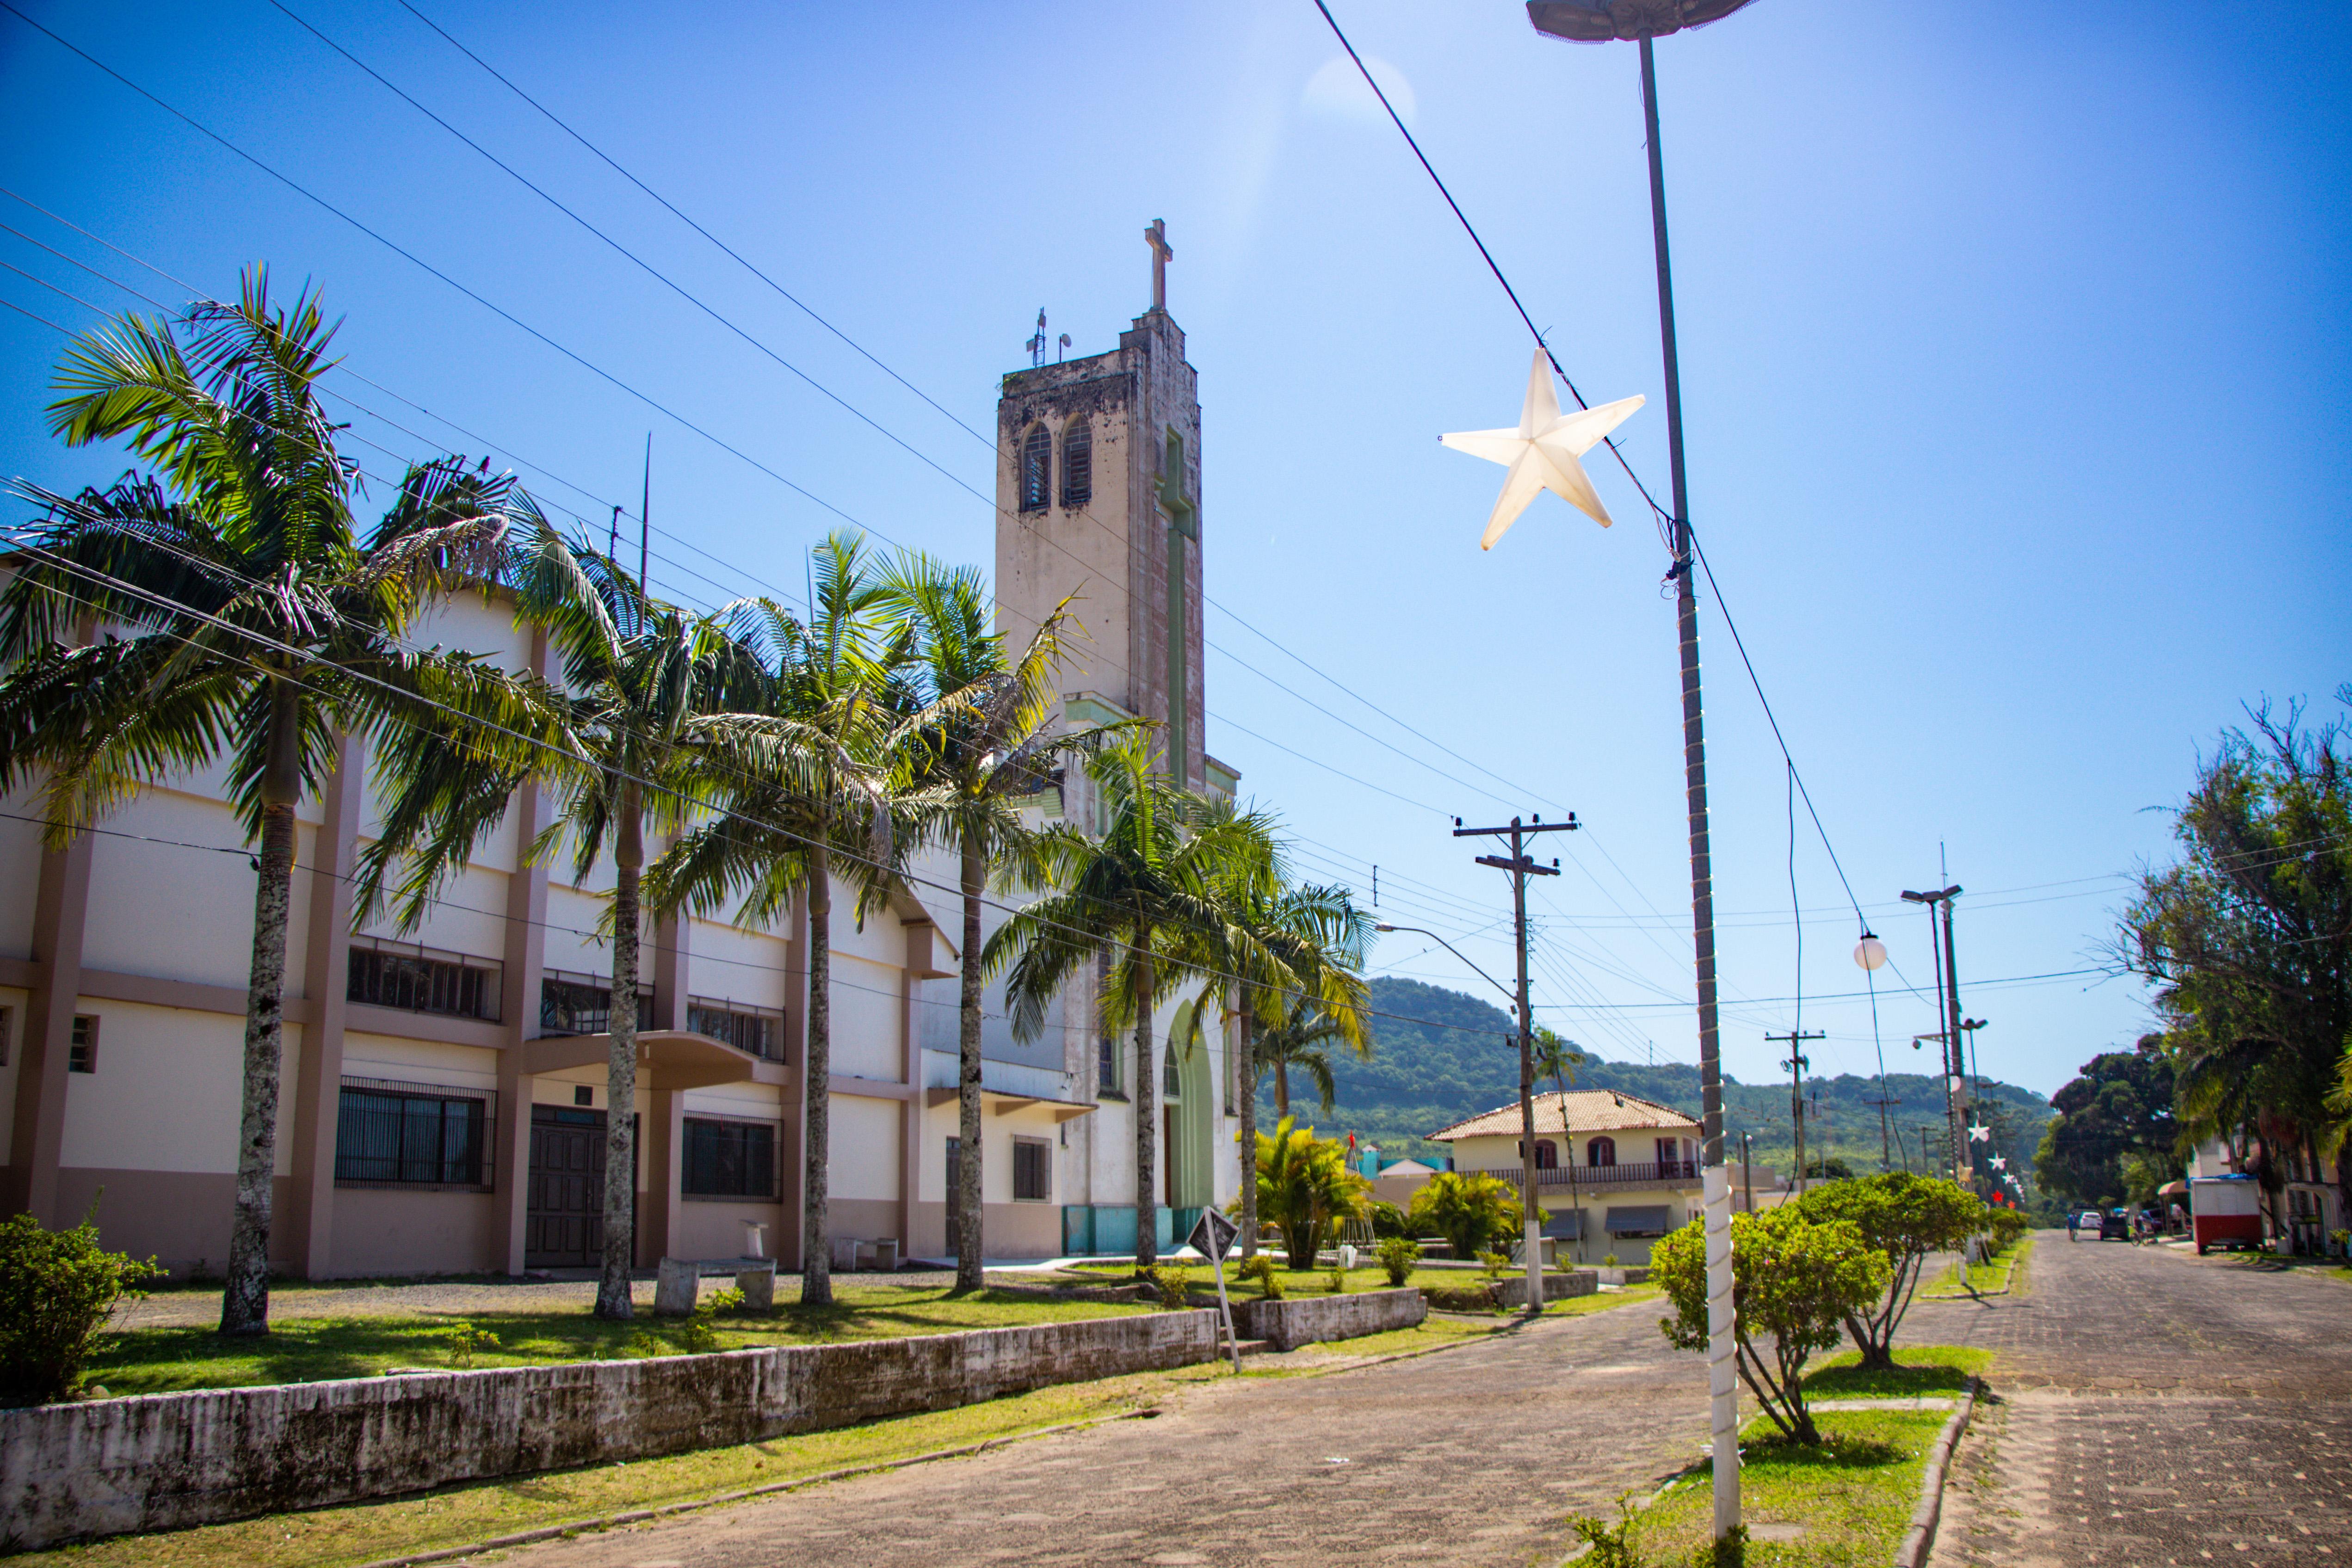 Paróquia Imaculada Conceição no centro de TRÊS FORQUILHAS porto